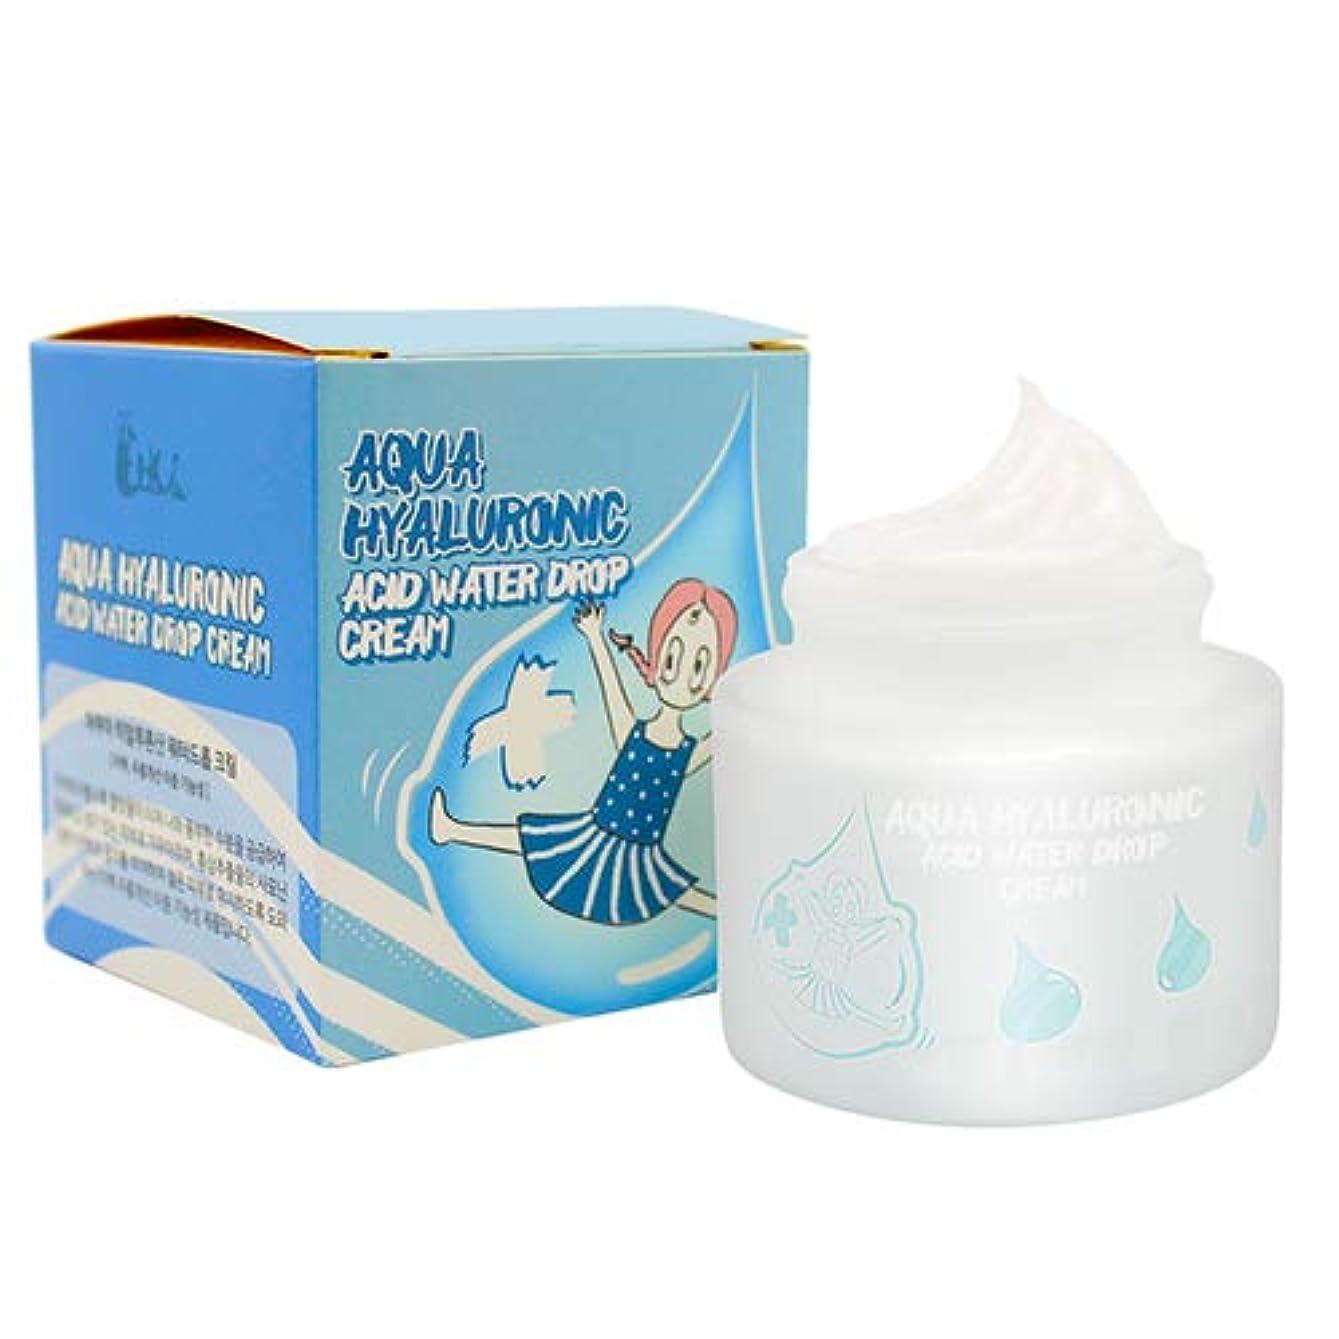 アナリスト欠員消化Elizavecca アクア ヒアルロン酸 ウォータードロップ クリーム / Aqua Hyaluronic Acid Water Drop Cream (50ml) [並行輸入品]